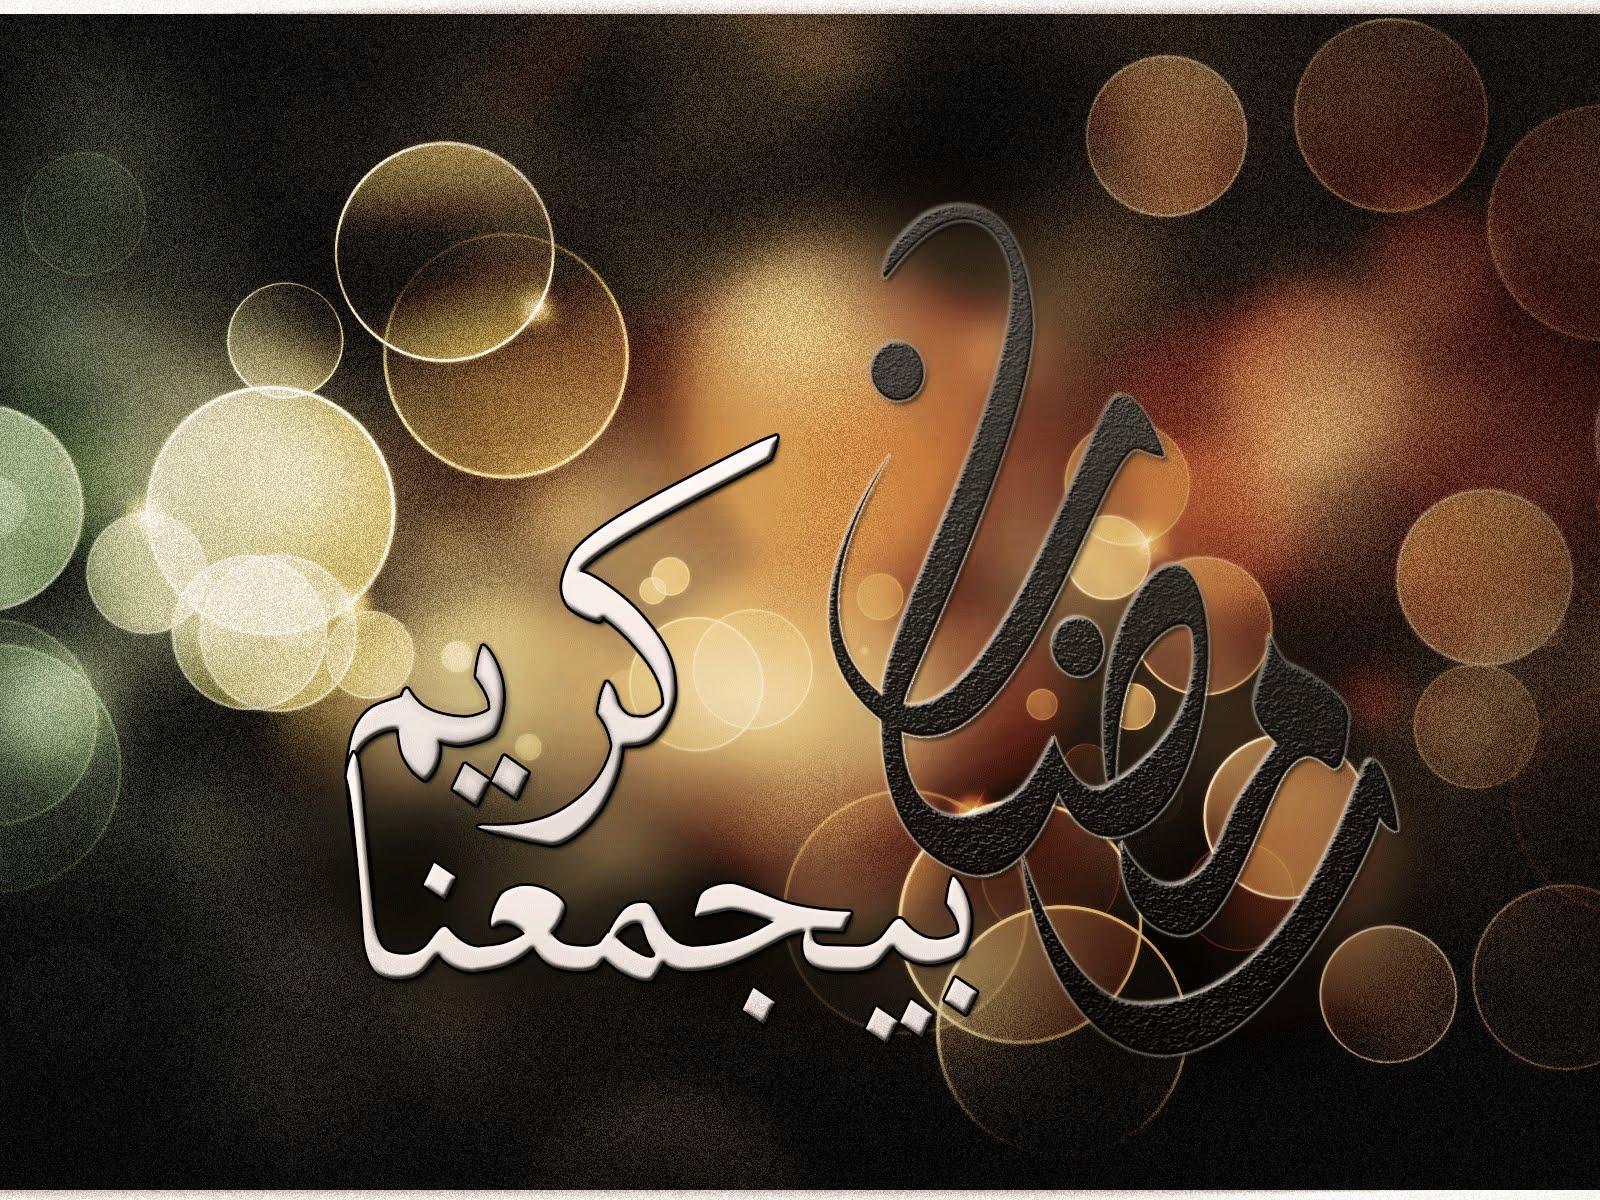 بالصور توبيكات رمضان , اجمل توبيكات بمناسبة شهر رمضان 757 9